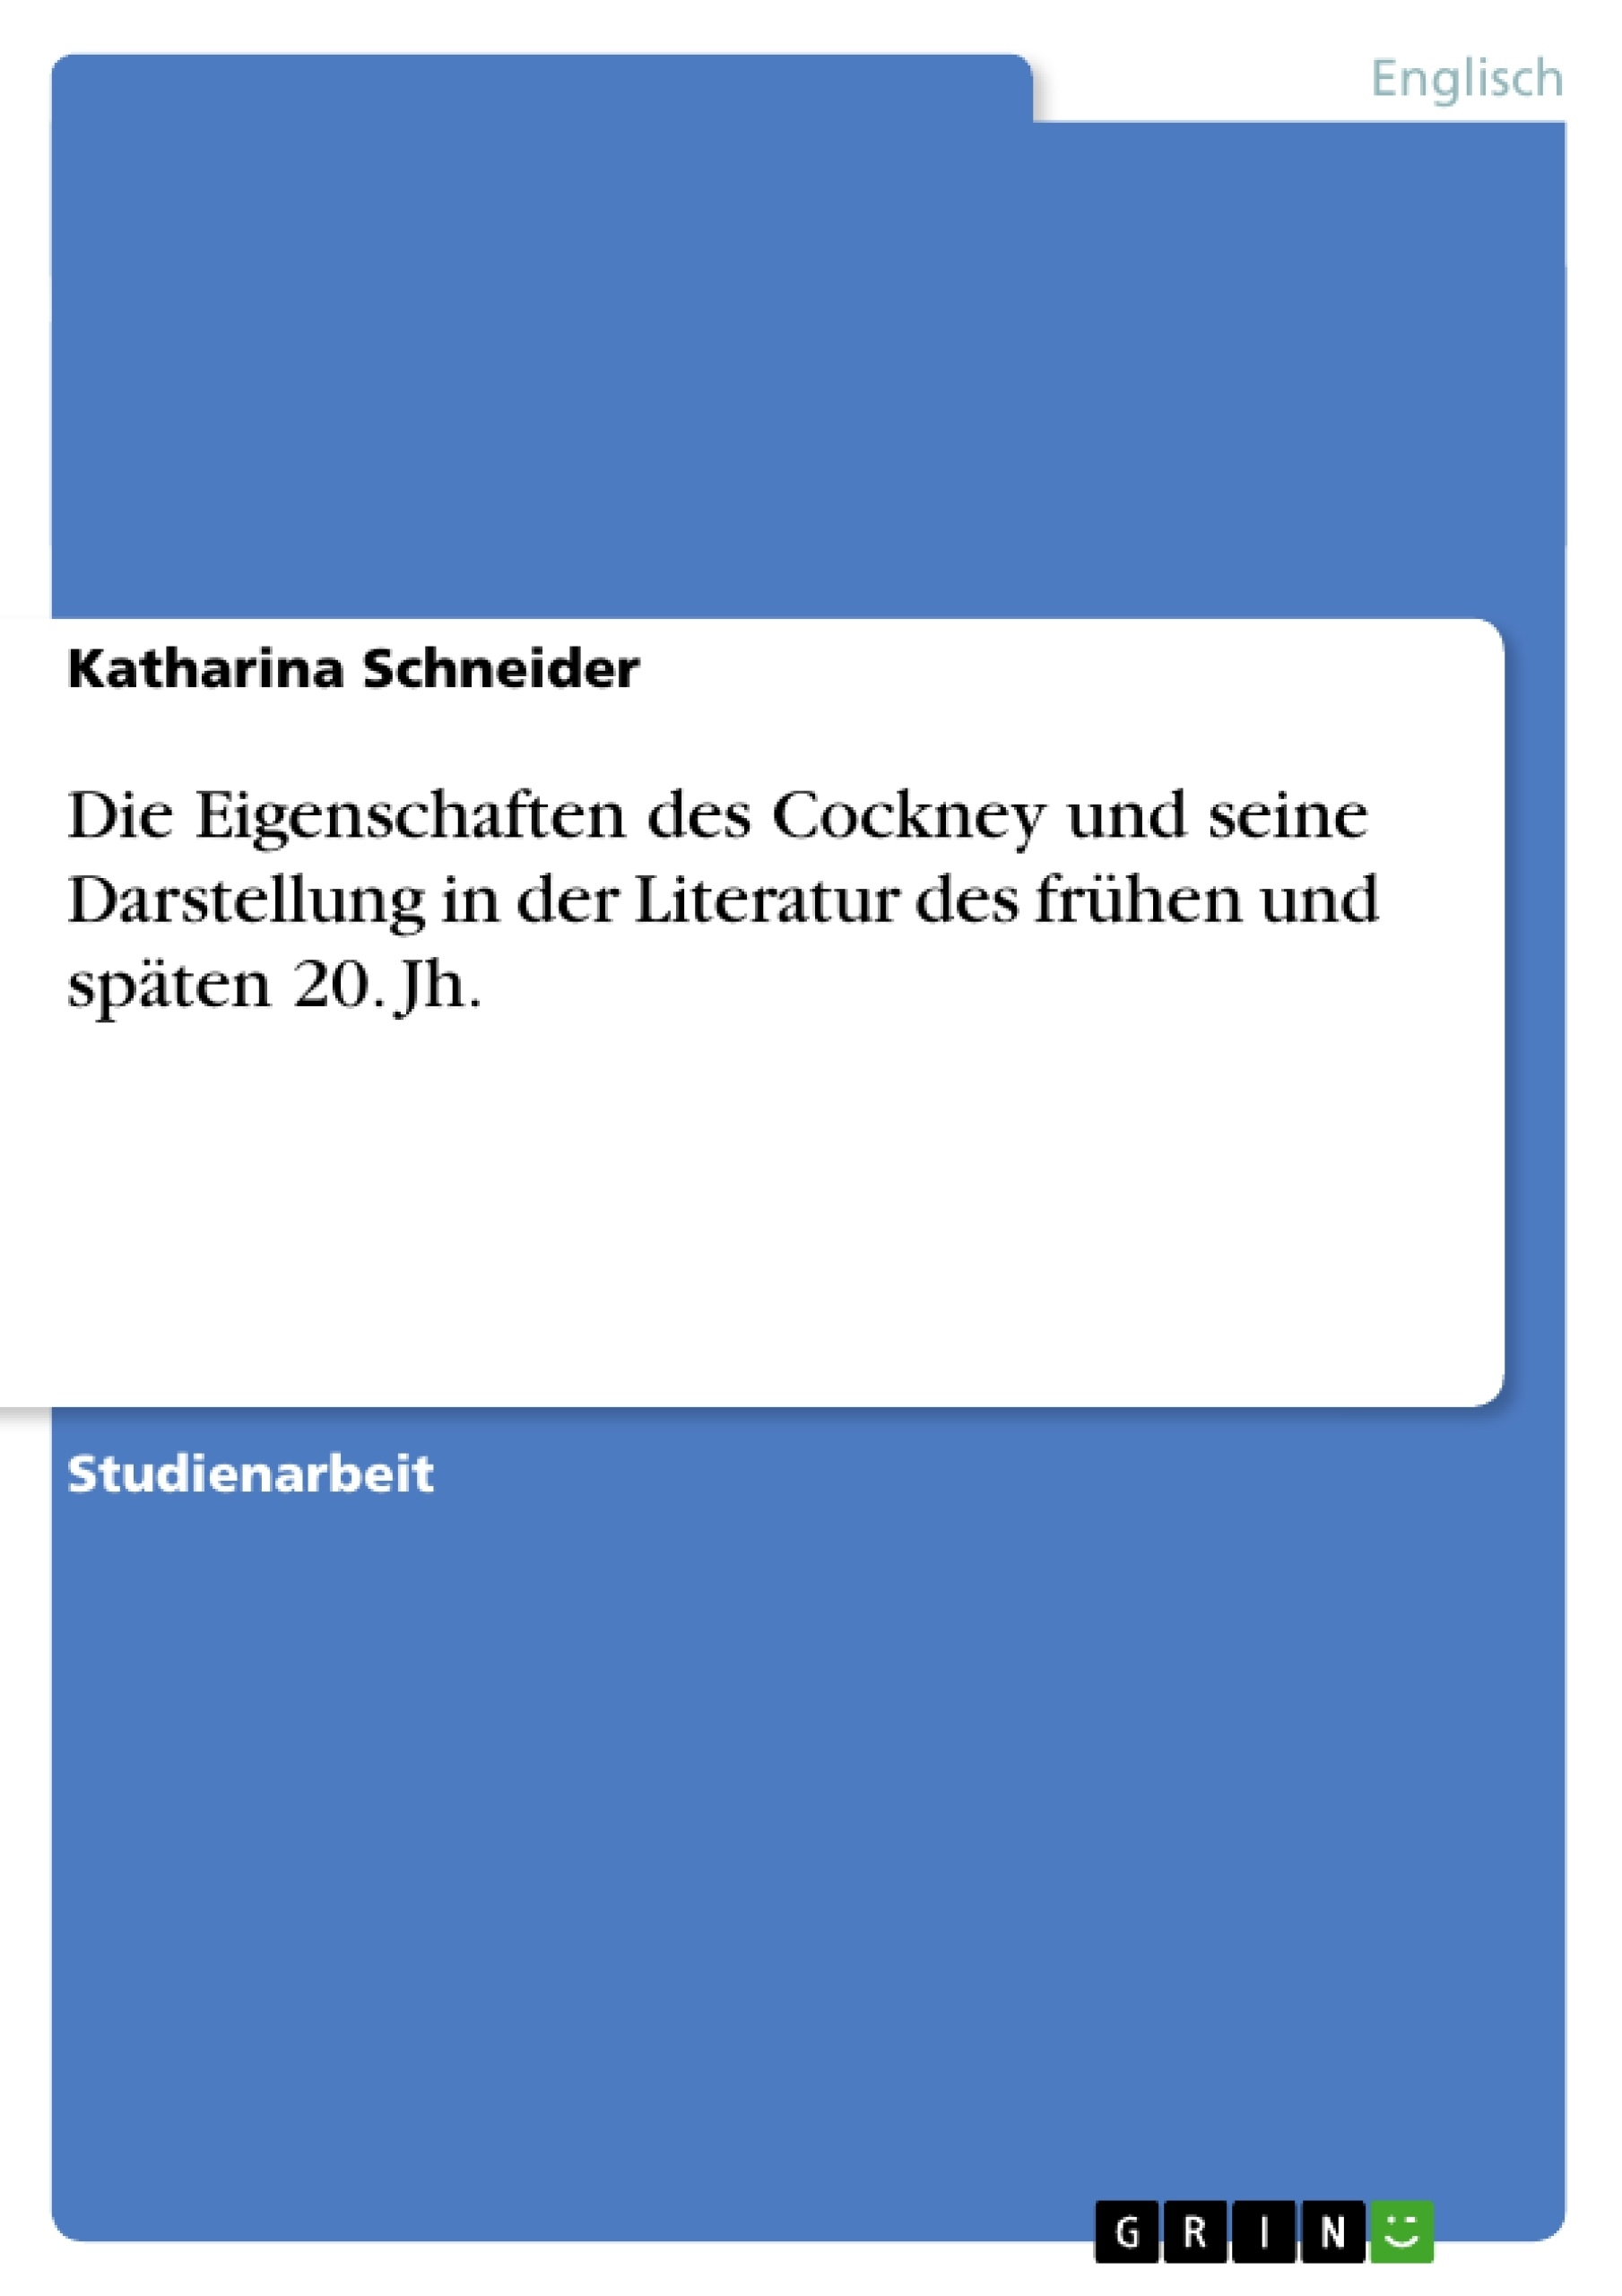 Titel: Die Eigenschaften des Cockney und seine Darstellung in der Literatur des frühen und späten 20. Jh.